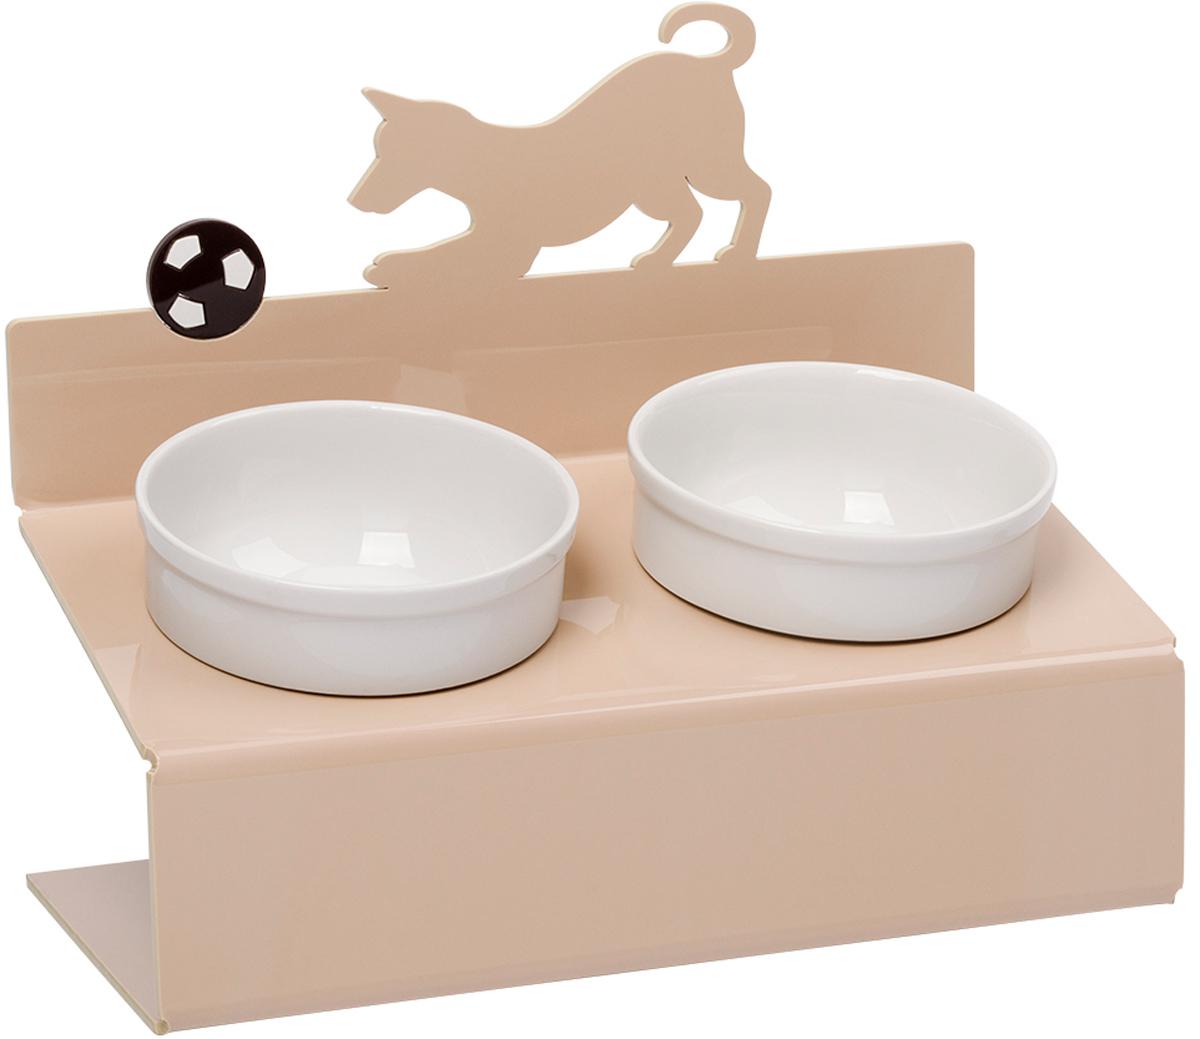 Миска для животных Artmiska Собака и мяч, двойная, на подставке, цвет: кремовый, 2 x 350 мл11043 оранжеваяАртМиска - фарфоровые миски на уникальной подставке с наклоном, созданные специально для кошек и собак мелких пород. Высота подставки и угол ее наклона максимально обеспечивают правильное положение тела кошки или собаки при кормлении. При этом возникает намного меньшее напряжение на шейно-грудной отдел, передние конечности и суставы. Миски, поднятые на подставках нужны как молодым, так и пожилым животным. Использование АртМиски минимизирует количество воздуха, которое попадает в желудок животного во время проглатывания корма, что в свою очередь приводит к лучшему пищеварению, помогает предотвратить срыгивание и рвоту. Оптимальная высота и угол наклона подставки, форма и объем миски эффективно снижают разбрасывание корма домашним питомцем. С АртМиской вы все реже будете видеть корм на полу после каждого кормления вашего питомца. Противоскользящие ножки обеспечивают неподвижность подставки на любой поверхности пола. Оригинальные сюжеты, яркие цвета - АртМиска органически впишется в любой интерьер - классический, современный, хай-тек или модерн, и будет долго радовать ваш глаз. АртМиска подходит для всех кошек и собак мелких пород - той-терьер, шпиц, йоркширский терьер, карликовый пинчер, чихуахуа и другие. Мы уверены - Artmiska станет лучшим подарком для вашего четвероногого друга! Подставка: материал - акриловый пластик - отличная стойкость к ударам, поверхность не задерживает загрязнений и легко чистится, не вызывает аллергии, не выцветает со временем; размер (ДхШхВ) - 30х15,5х25 см. Миска съемная: материал - фарфор; можно использовать в микроволновой печи и посудомоечной машине; диаметр - 12 см., объем 350 мл х 2шт. Кремовый цвет подставки великолепно сочетается с коричневым, салатовым и другими цветами интерьера. Товар защищен патентом РФ.